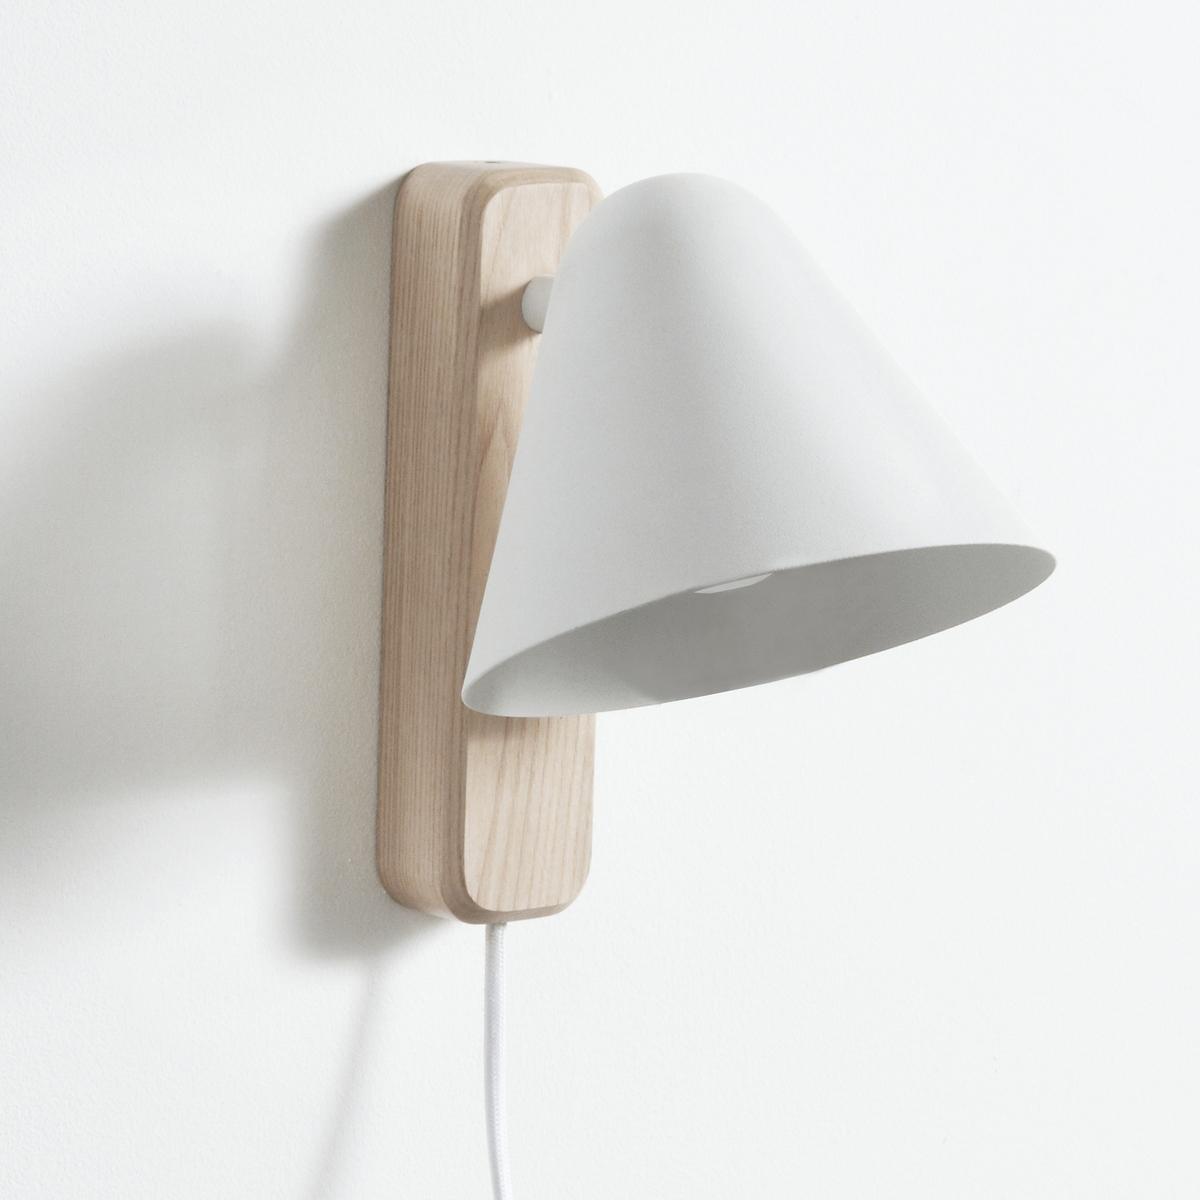 Бра из дерева и металла CotapiБра Cotapi. Замечательный дизайн бра Cotapi для изысканного и современного светильника.Описание бра Cotapi :Поворачивающийся влево-вправо абажур.Патрон E14 для лампы макс. 25 Вт (продается отдельно).Светильник совместим с лампами класса энергопотребления : ABCDE. Характеристики бра Cotapi :Стенной кронштейн из ясеня.Абажур из металла с покрытием эпоксидной краской и матовым лаком.Кабель с оболочкой из текстиля.Другие модели коллекции Cotapi вы можете найти на сайте laredoute.ruРазмеры бра Cotapi :Высота 20 см, длина 20 см, глубина 15,6 см. Размер и вес посылки : 1 посылкаШ.22 x Г.17,5 x В.22 см.1,1 кг.<br><br>Цвет: белый/дерево